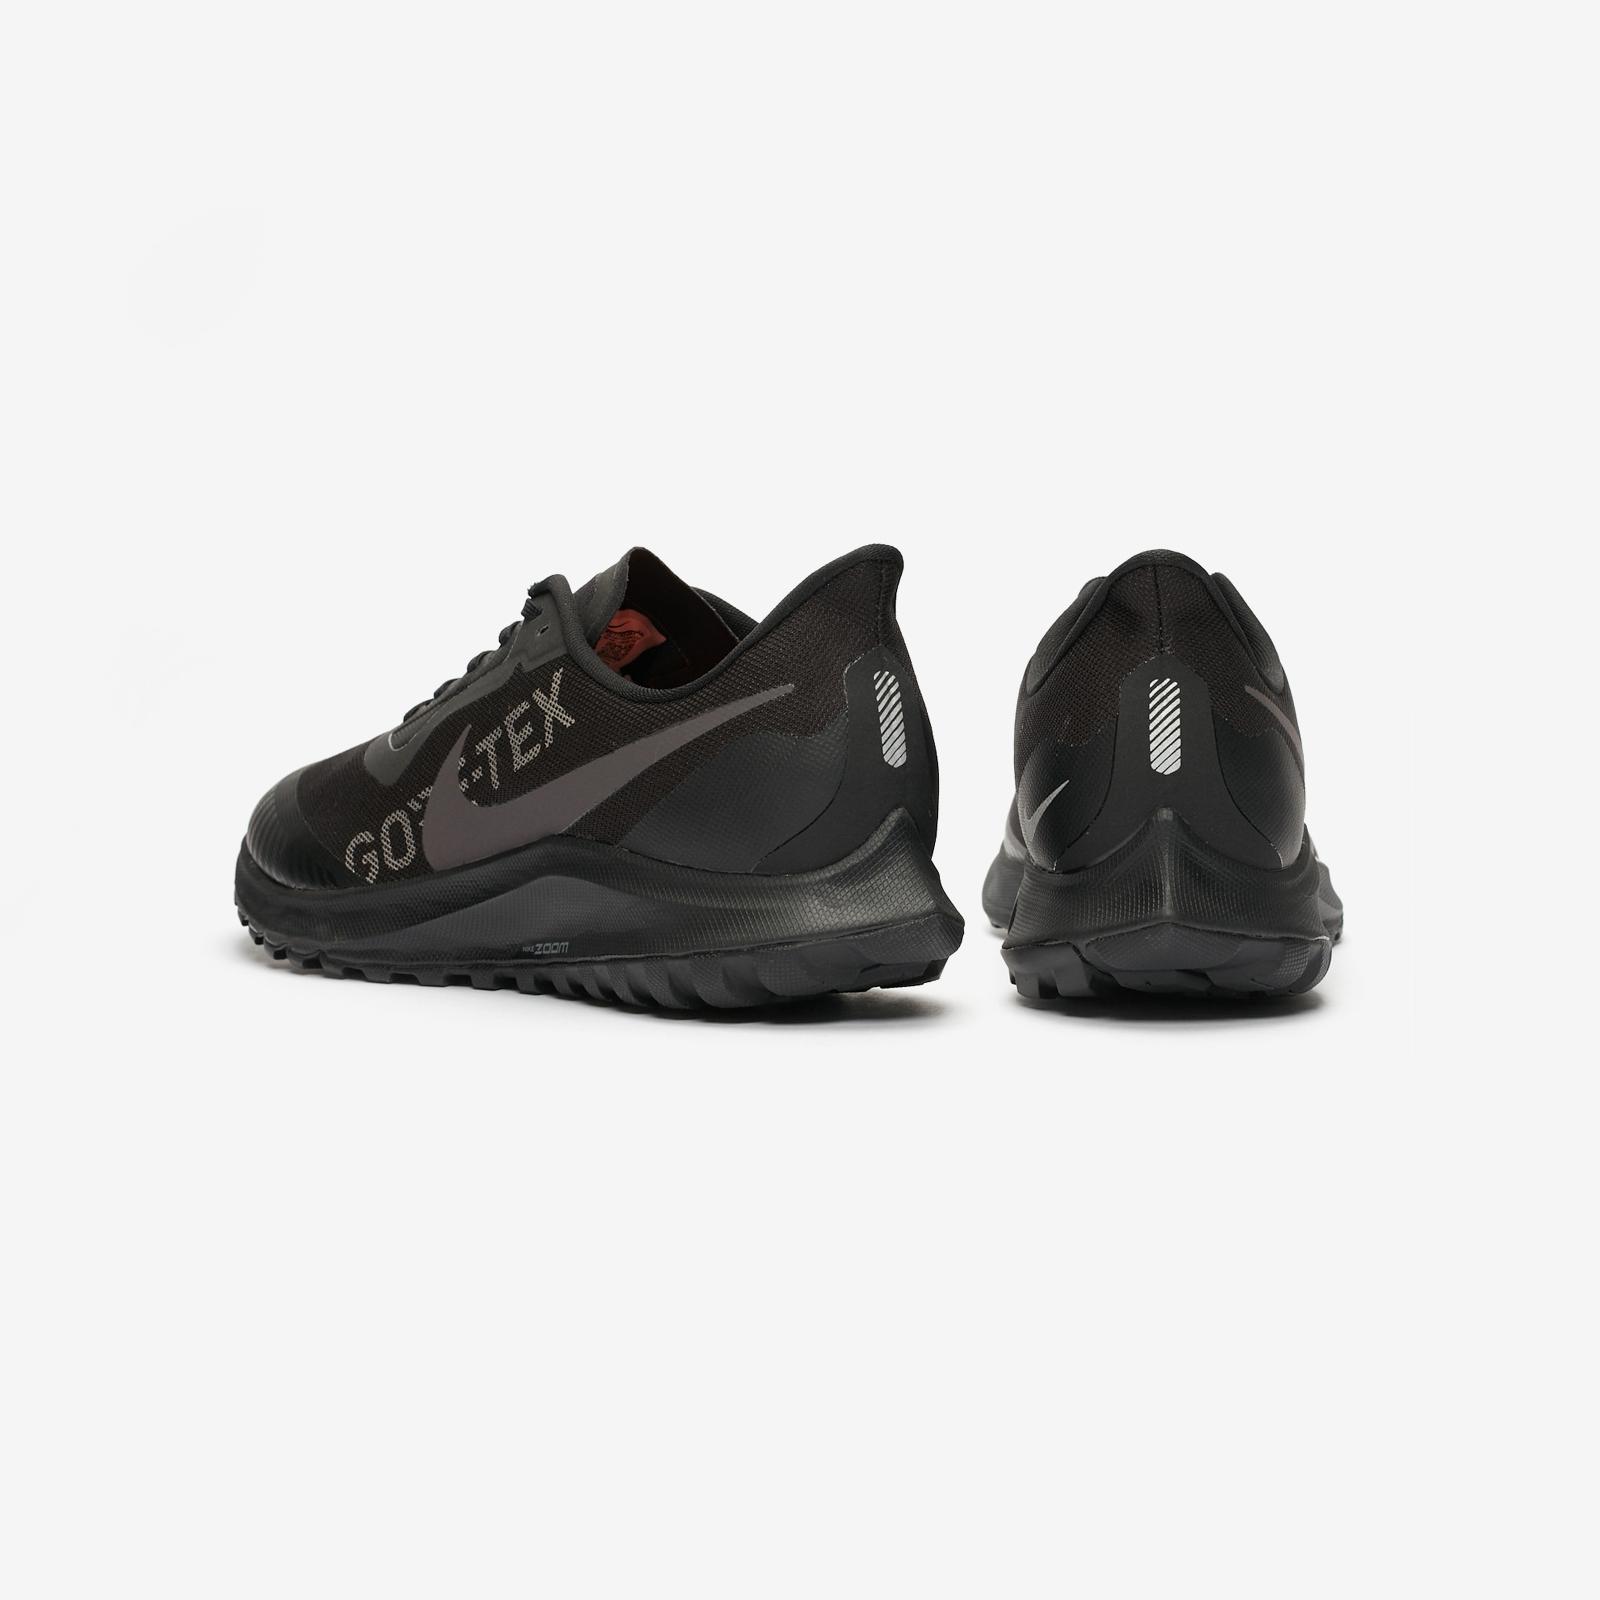 Nike Zoom Pegasus 36 Trail GTX Bv7762 001 Sneakersnstuff